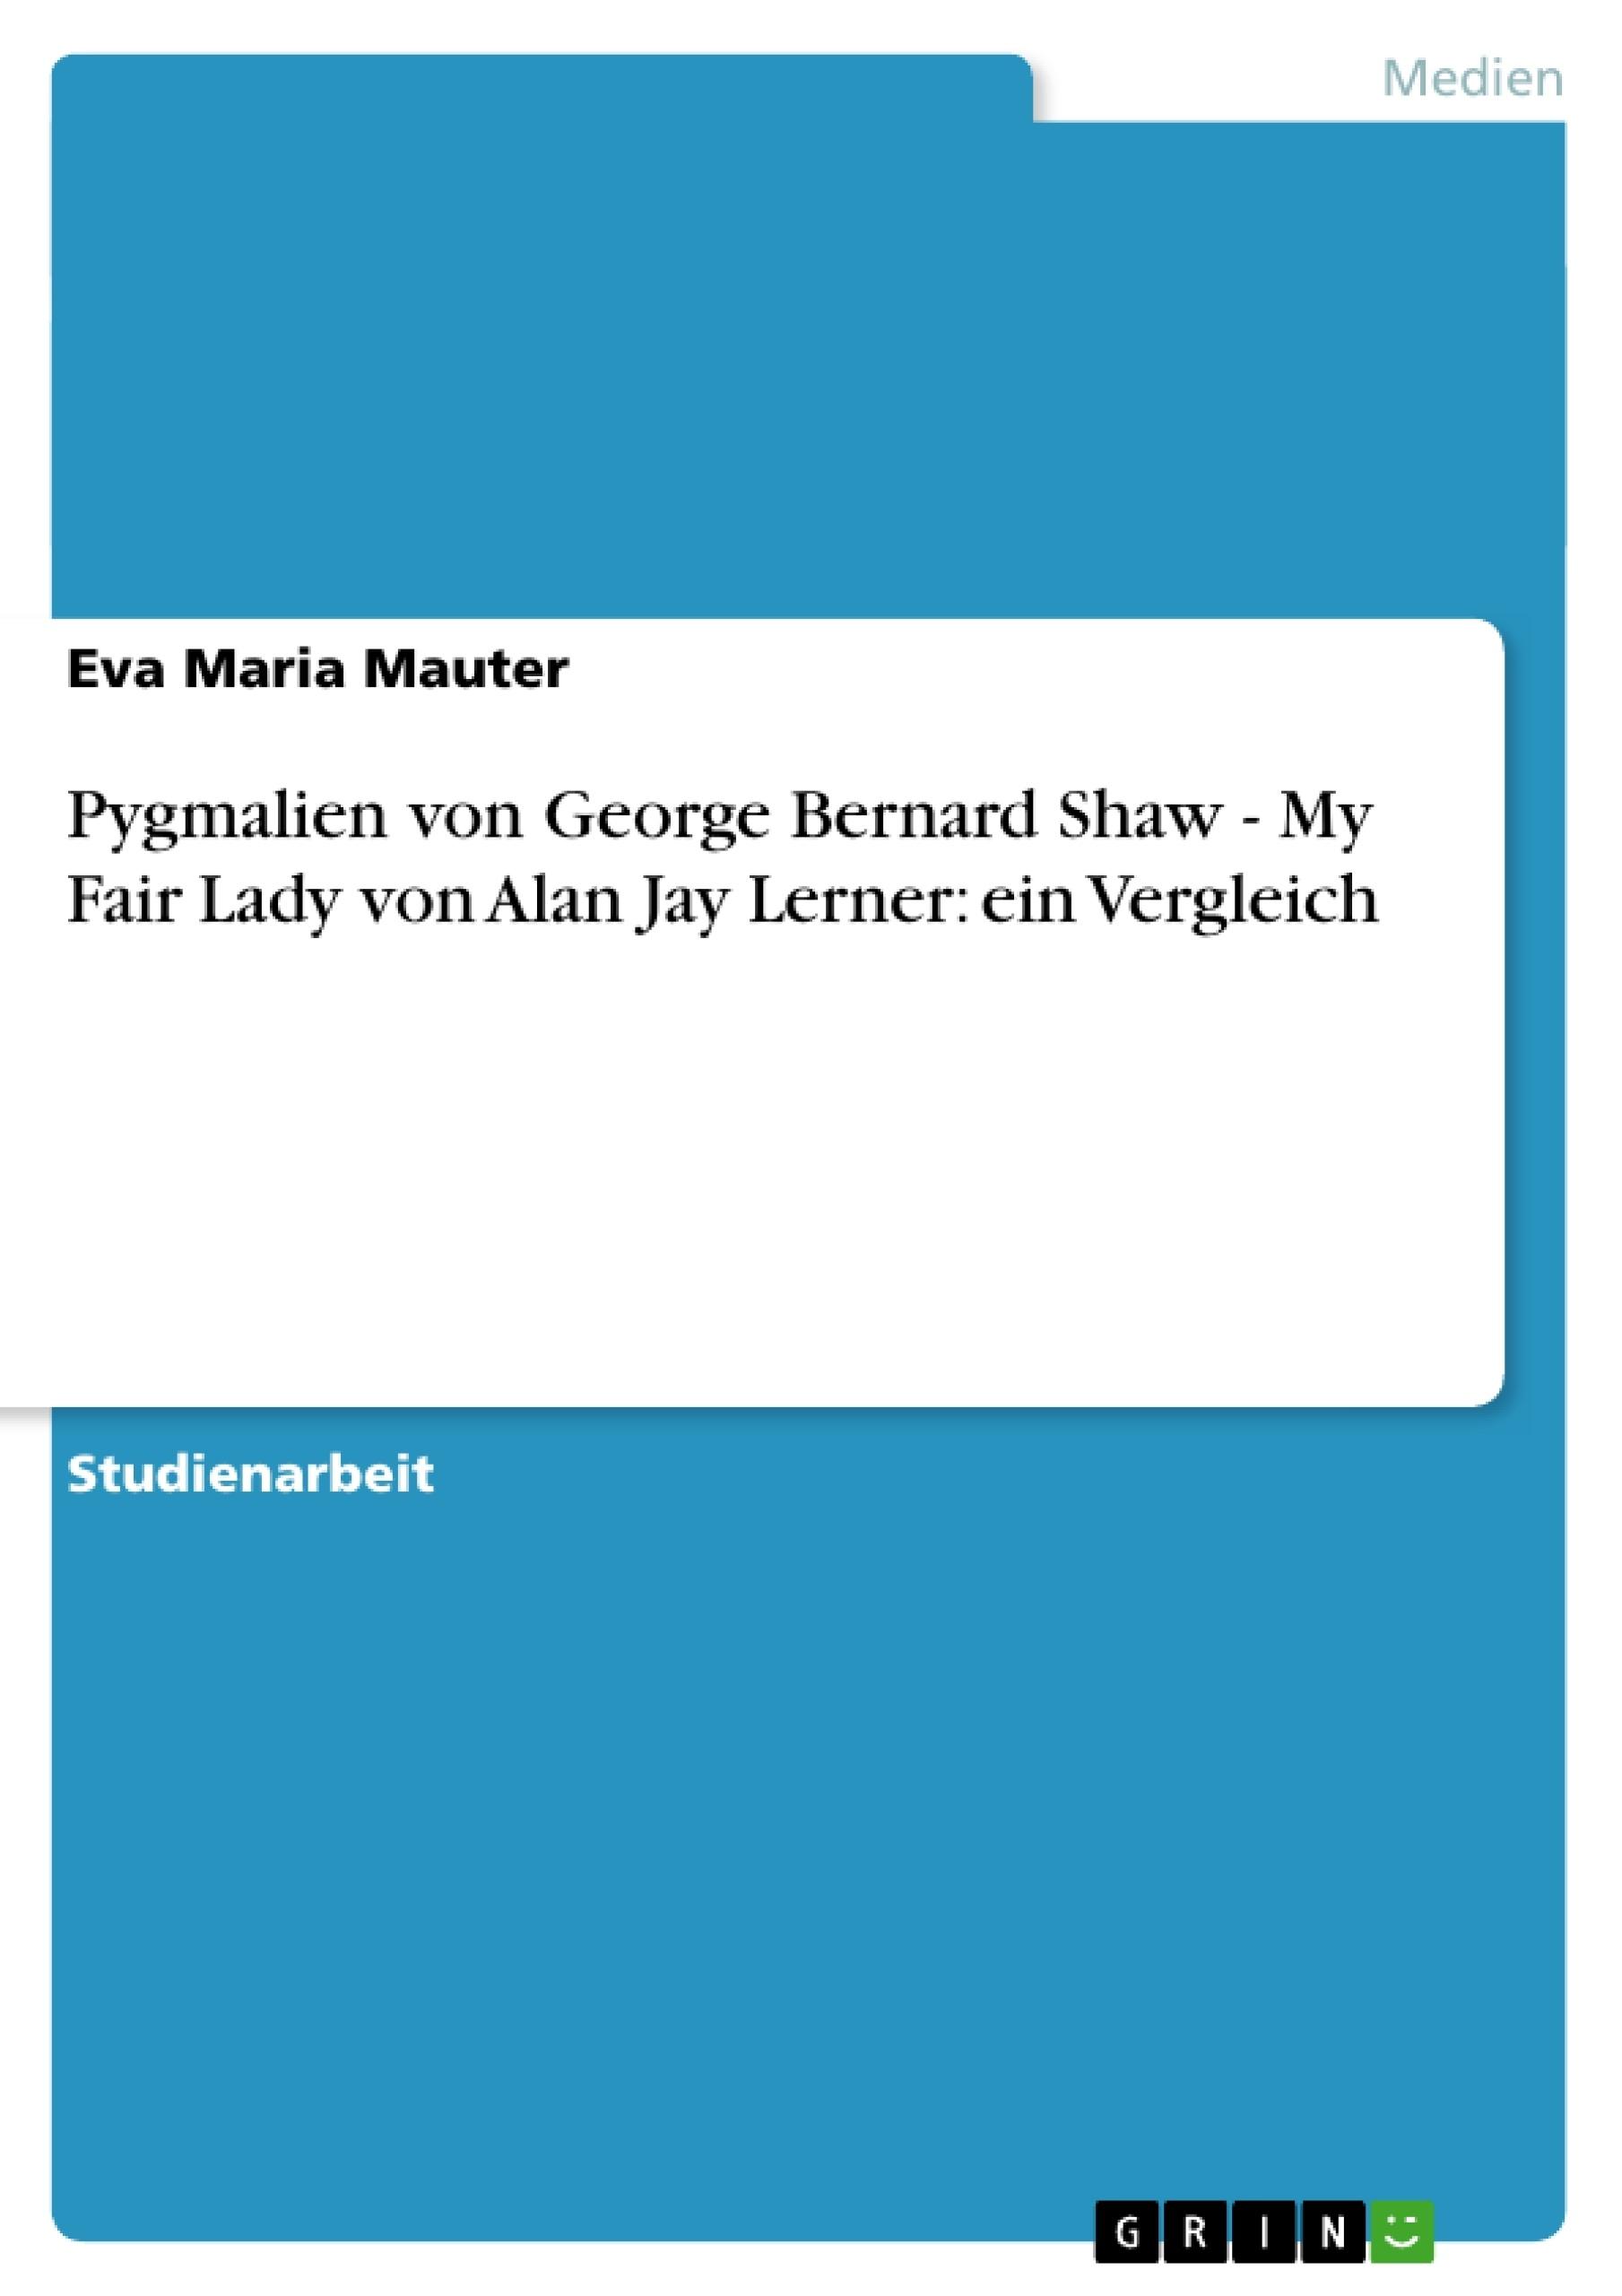 Titel: Pygmalien von George Bernard Shaw - My Fair Lady von Alan Jay Lerner: ein Vergleich